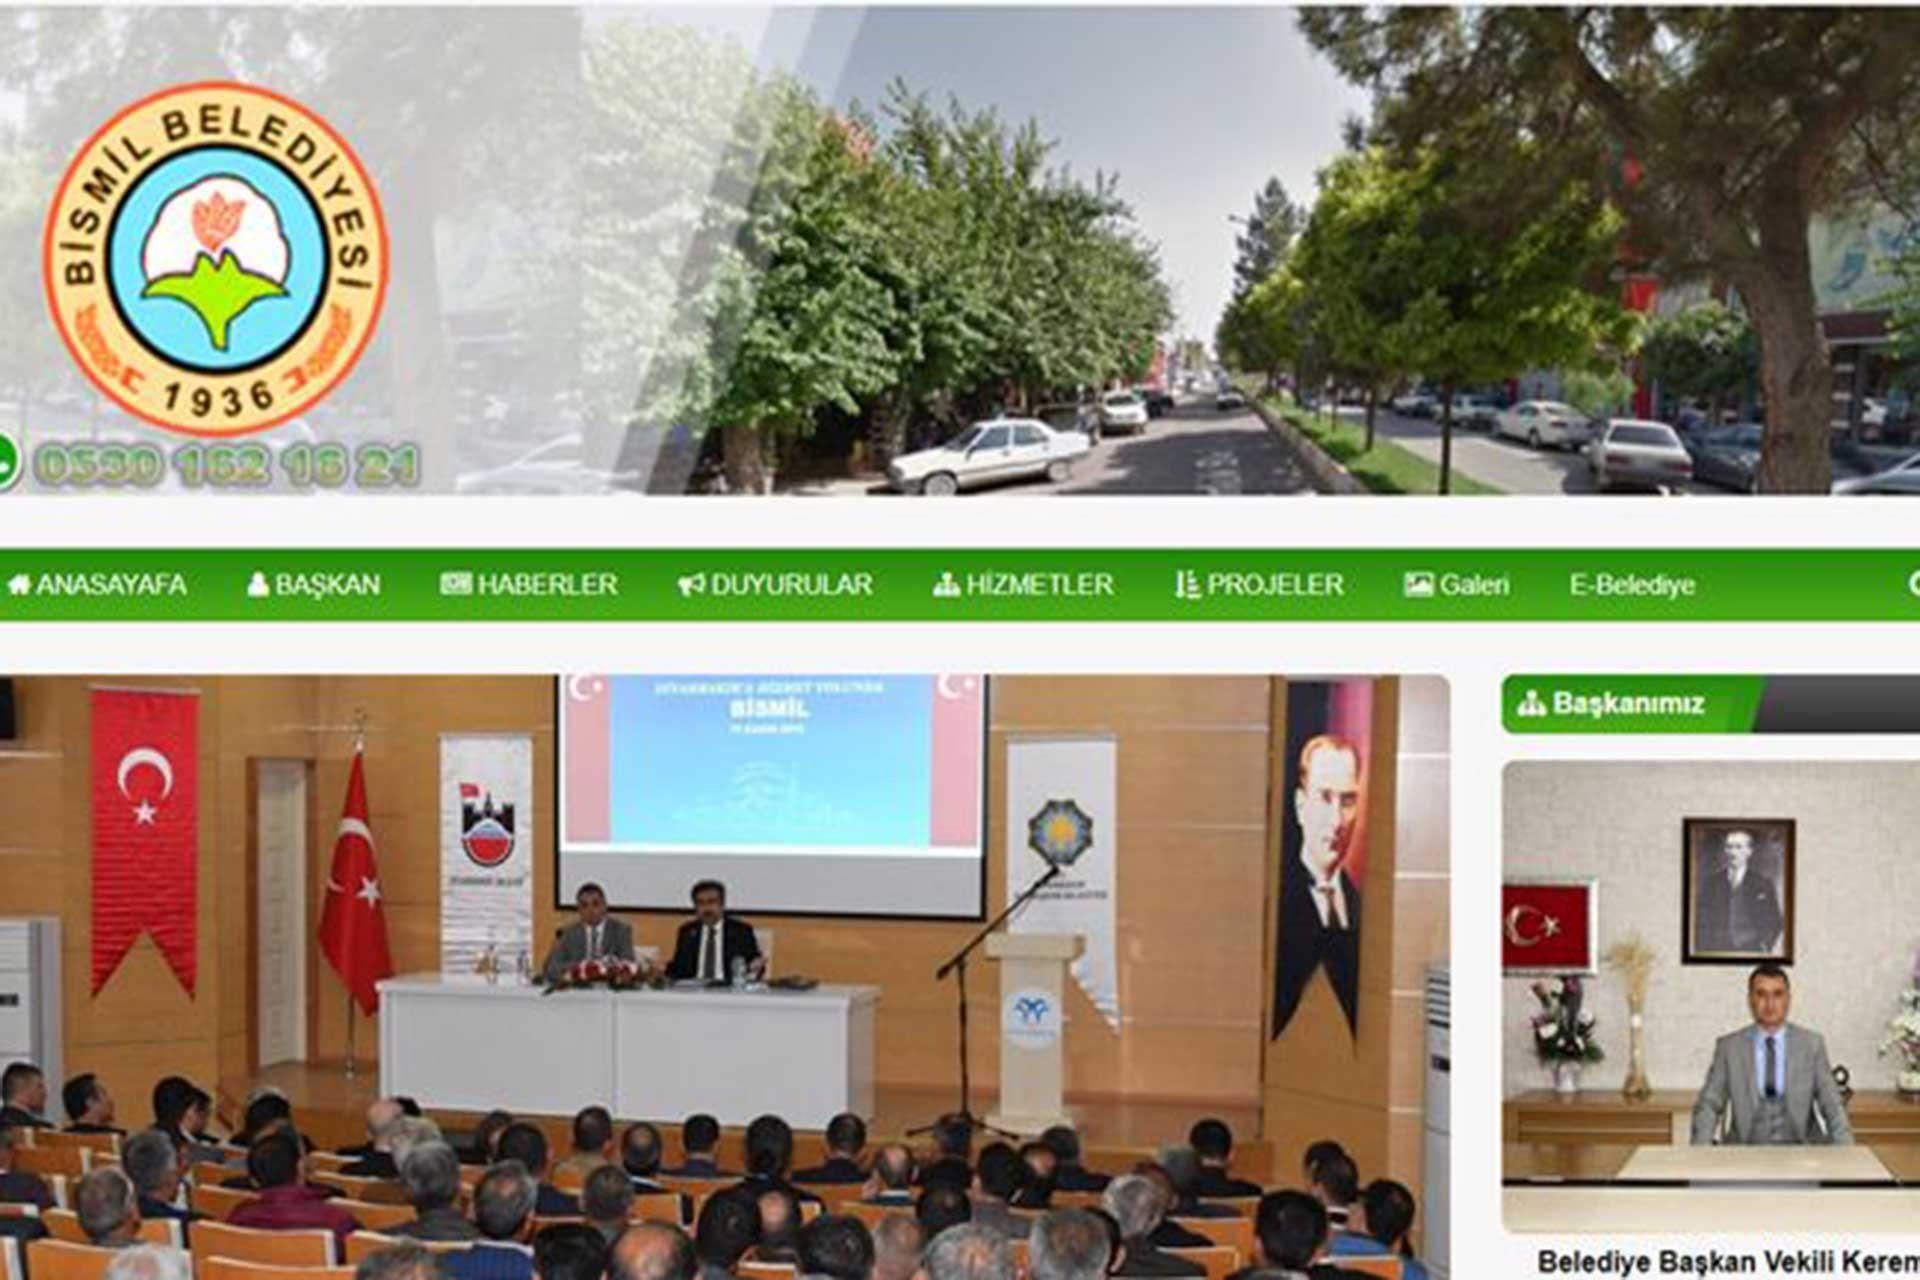 Bismil Belediyesinin web sitesi